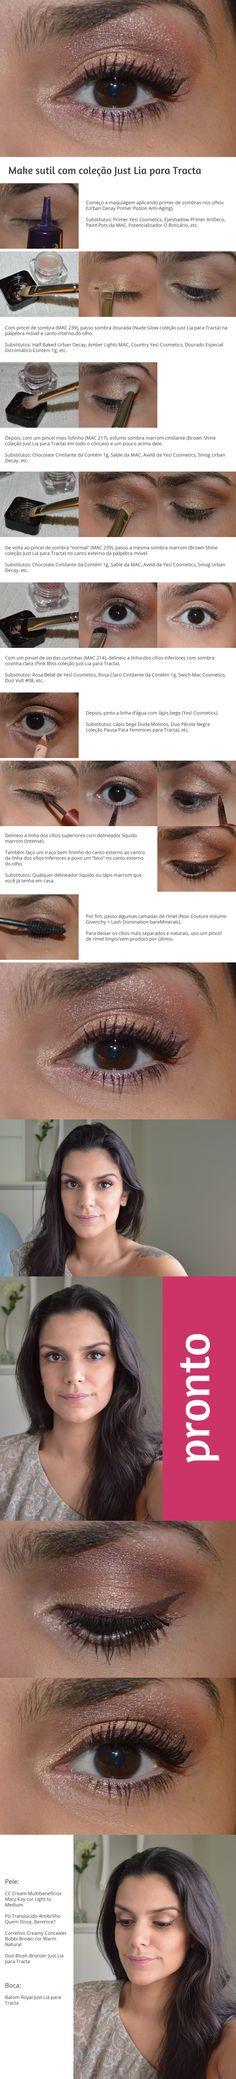 Tutorial: Levinho com um toque rosa http://www.2beauty.com.br/blog/2015/01/30/tutorial-levinho-com-um-toque-rosa/ #tutorial